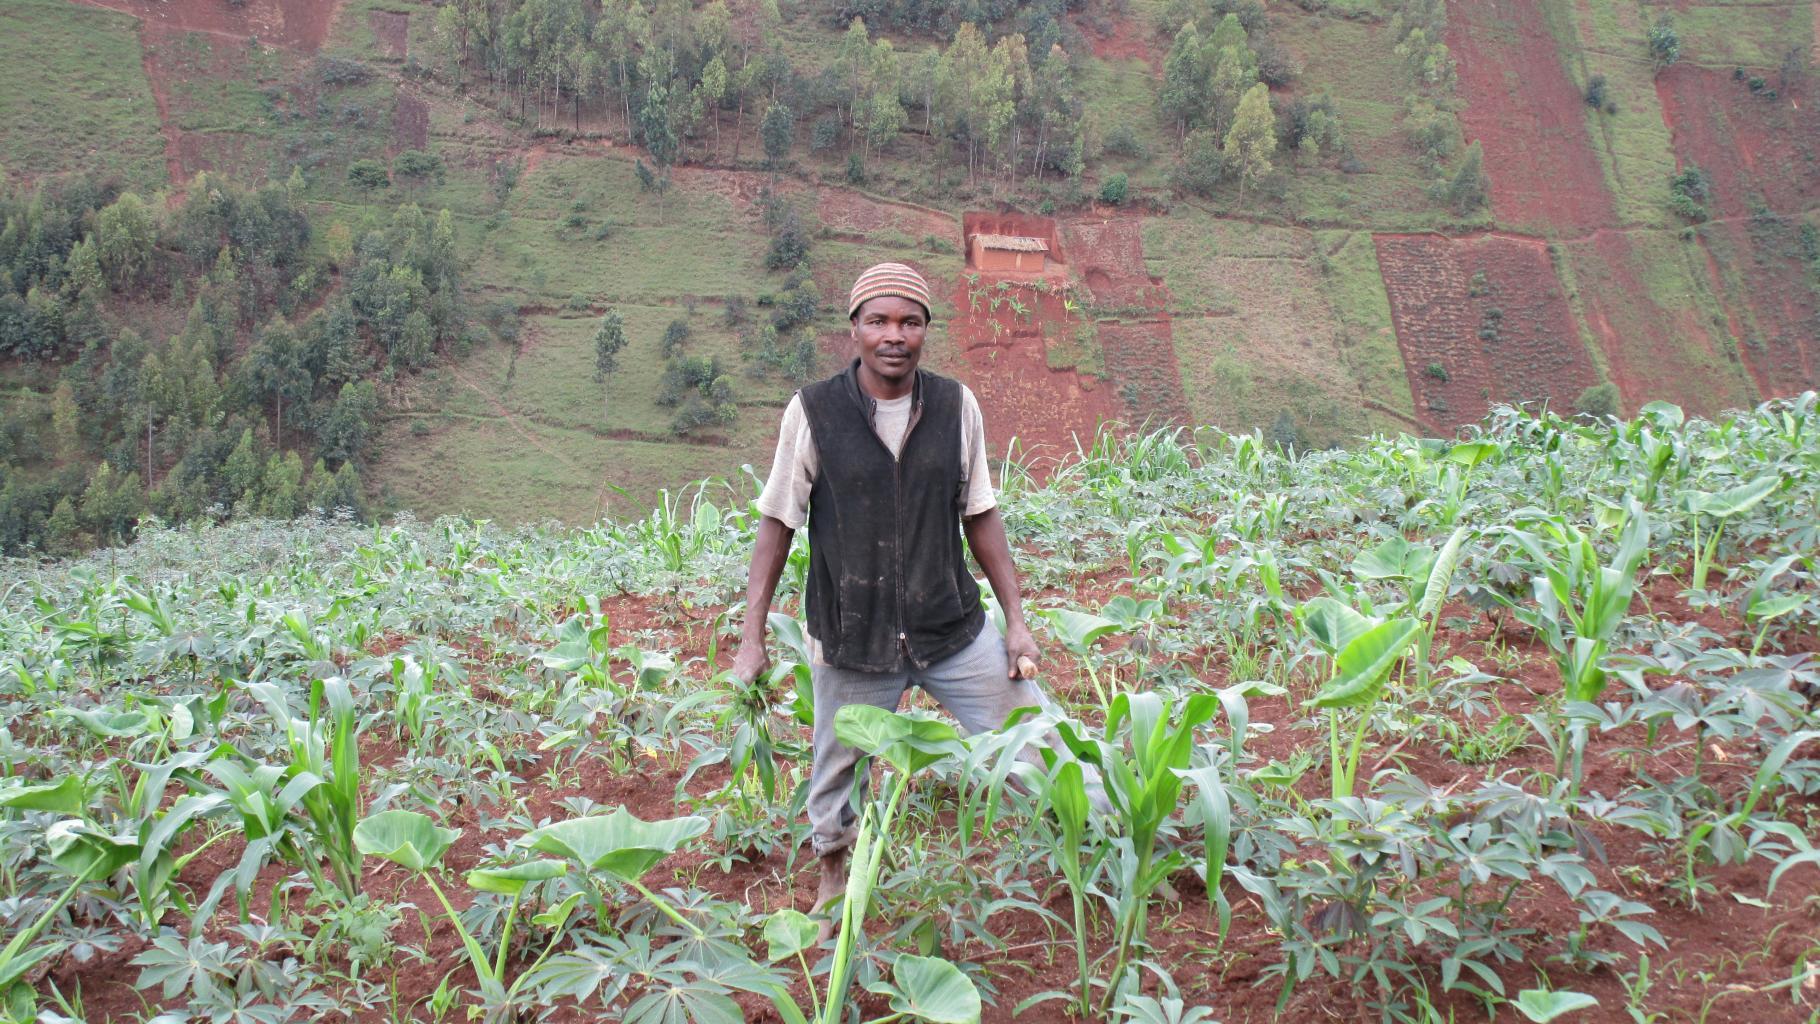 Ein Bauer steht in einem Feld an einem steilen Hang